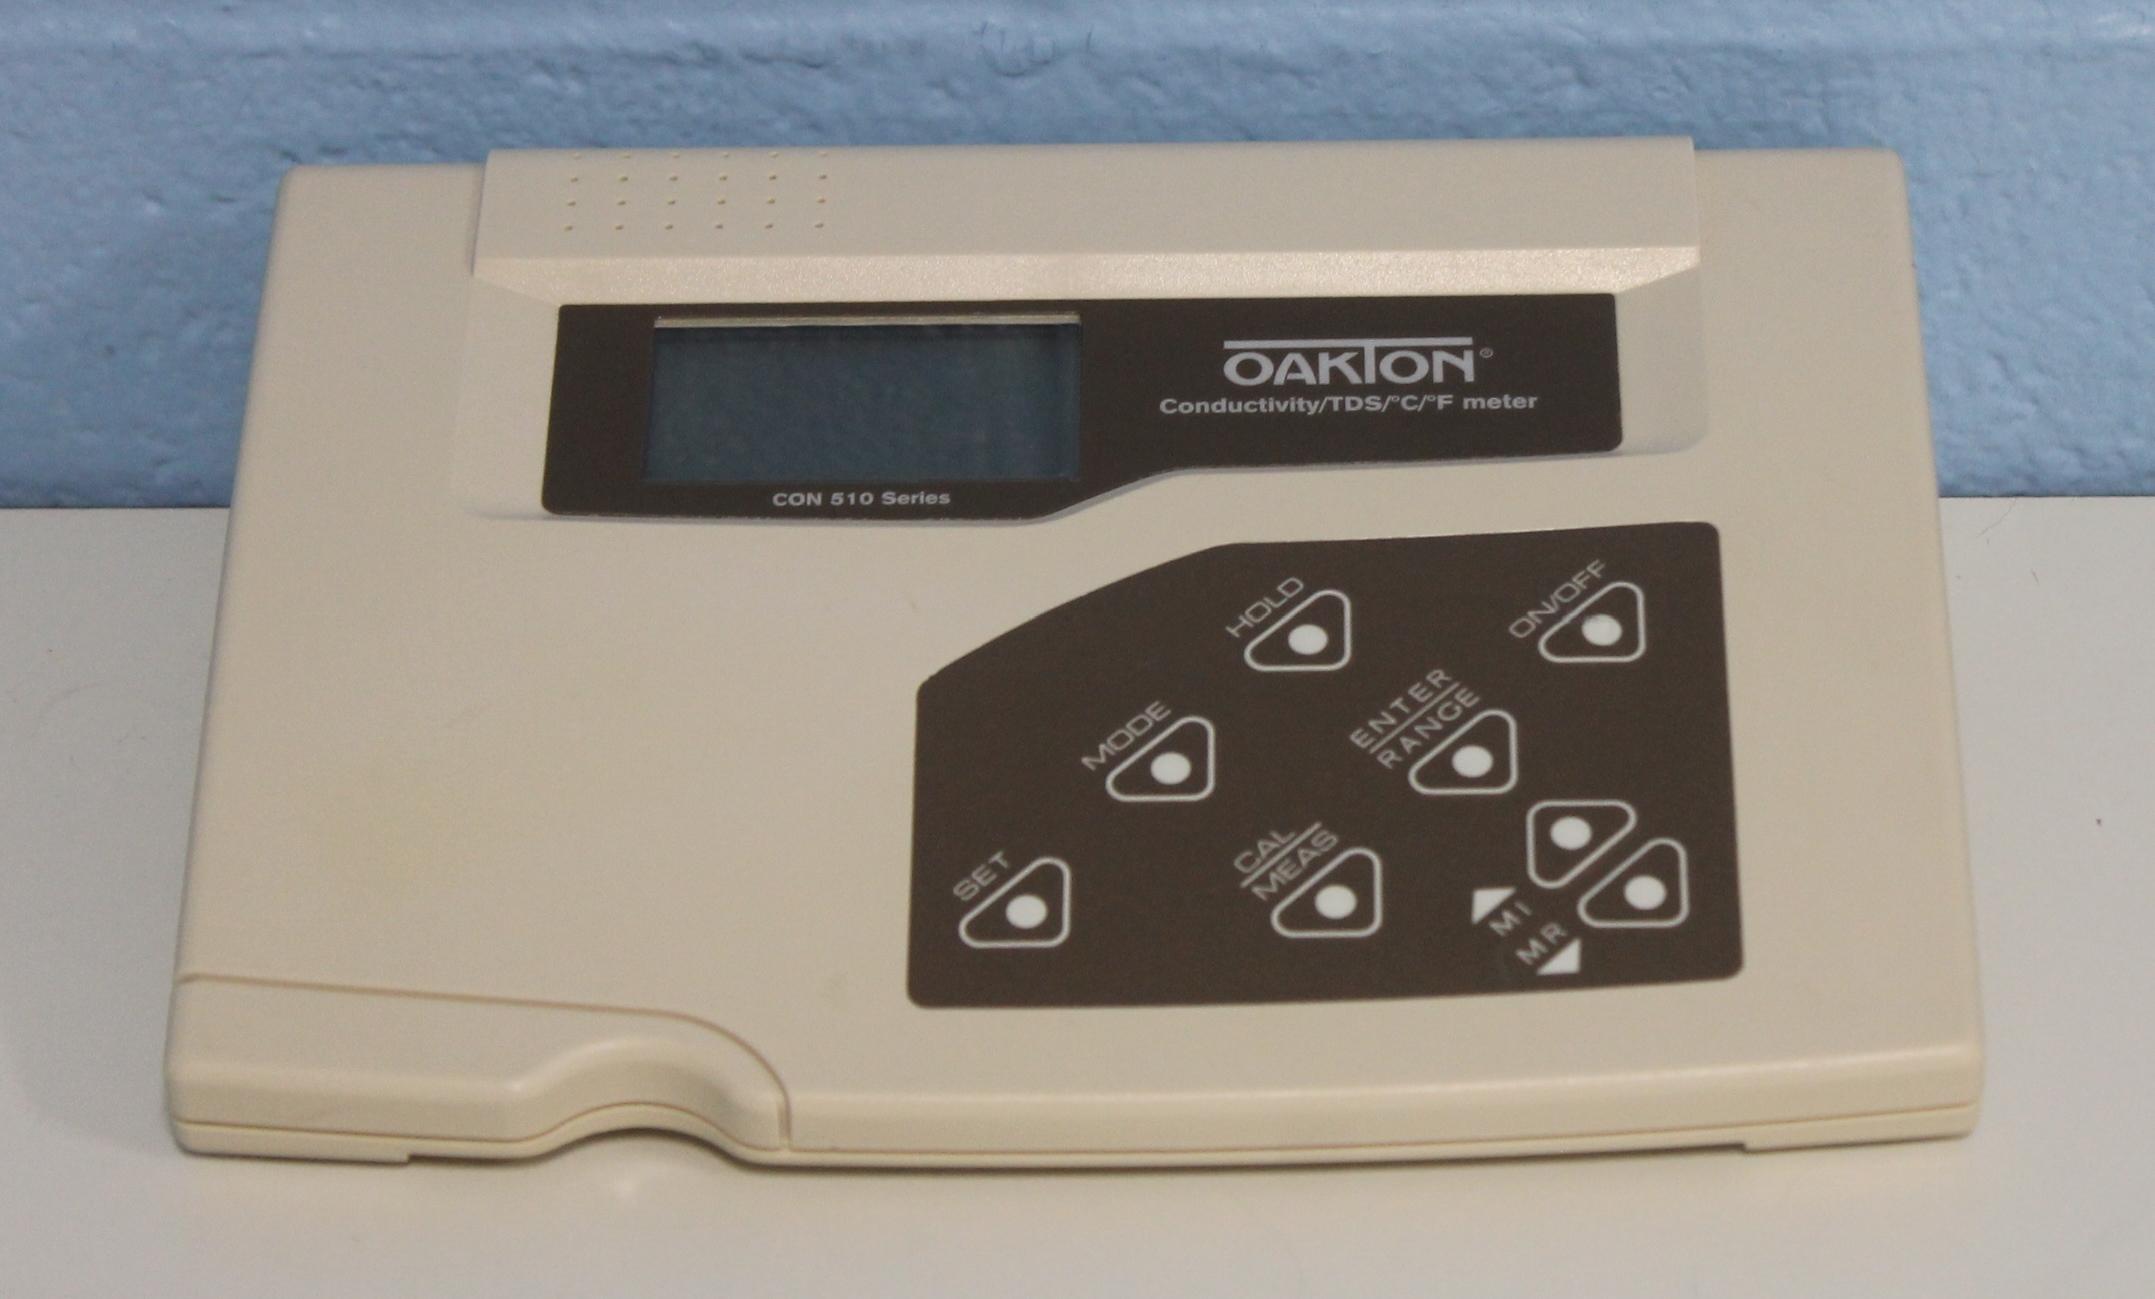 Oakton CON 500 Benchtop Conductivity/TDS Meter Image